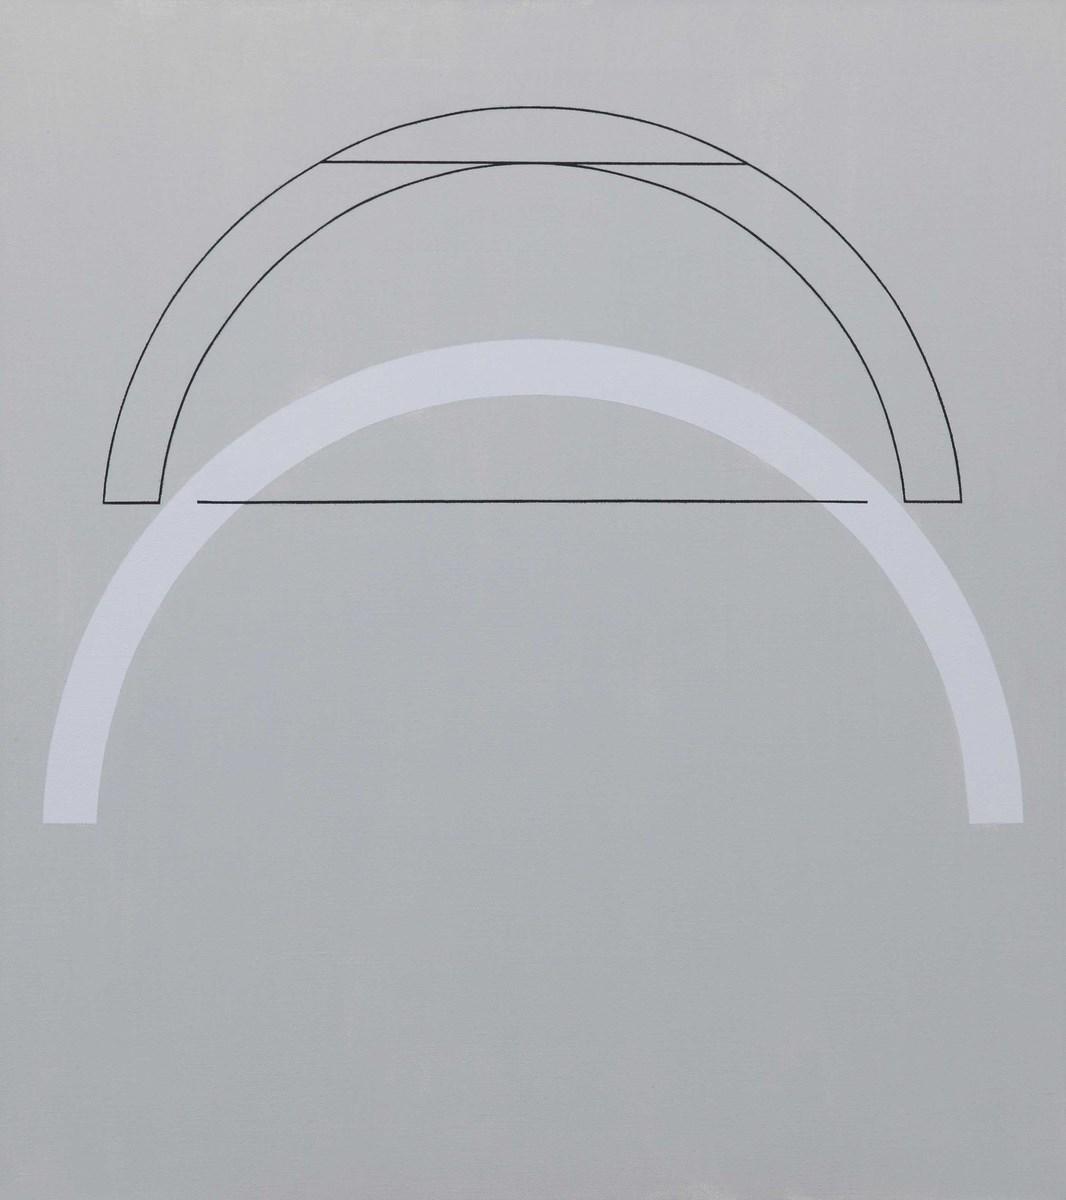 """Jerzy Kałucki, """"Biały łuk"""", 2012 (źródło: materiały prasowe organizatora)"""